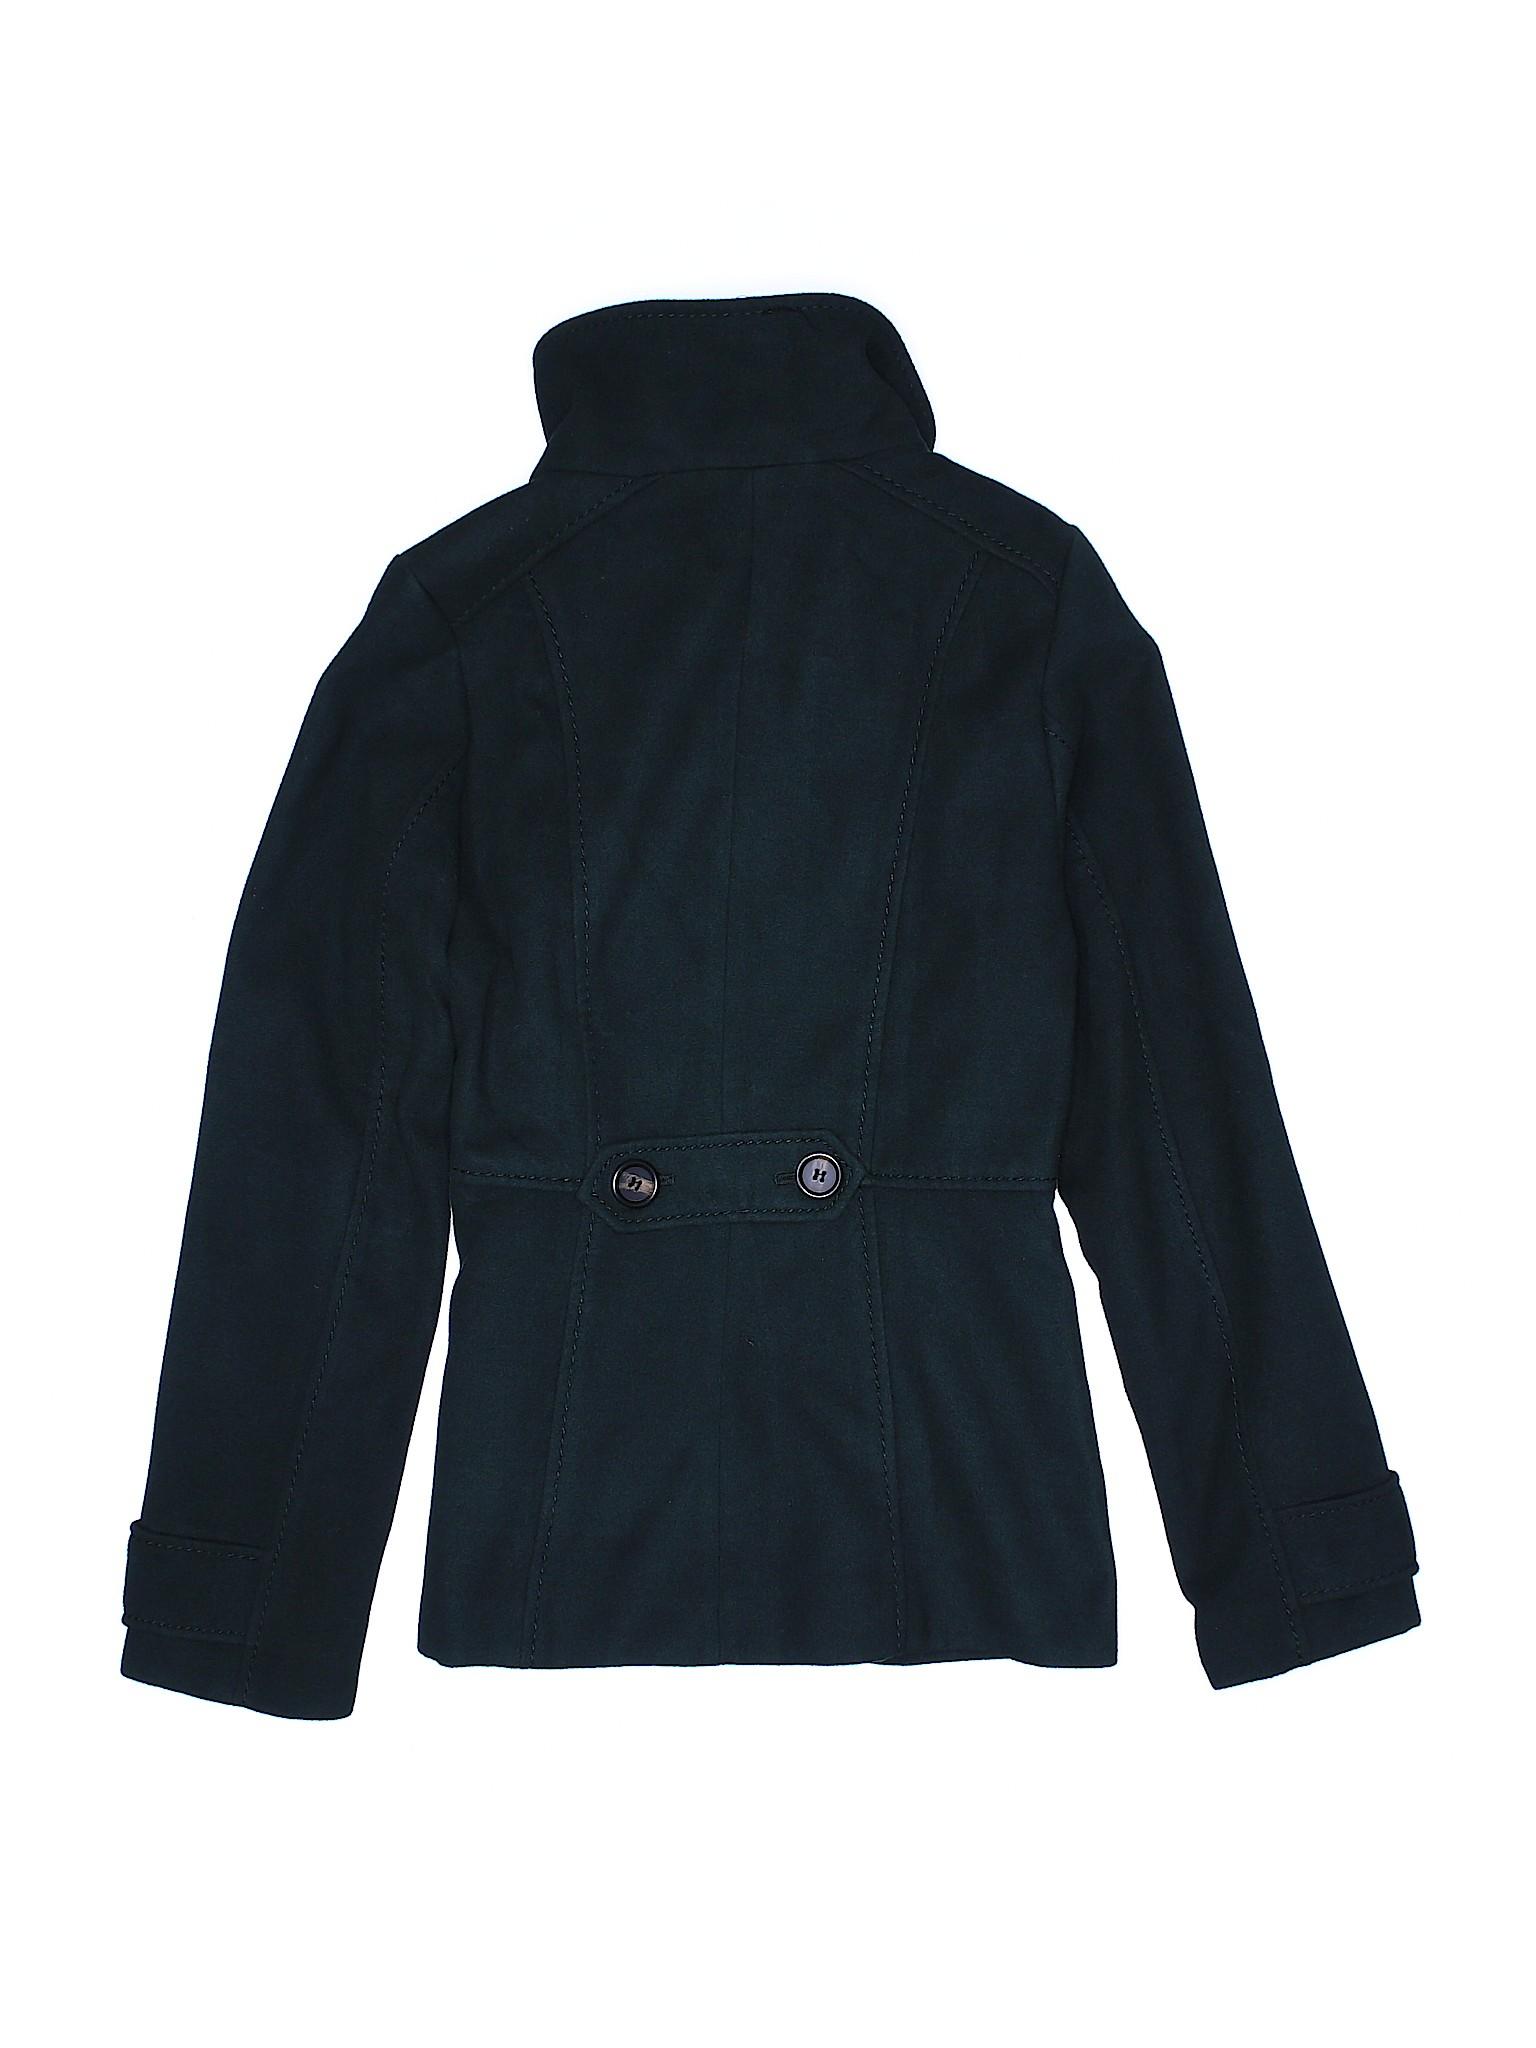 Boutique Boutique Coat leisure leisure H amp;M q0w0gnZTrx